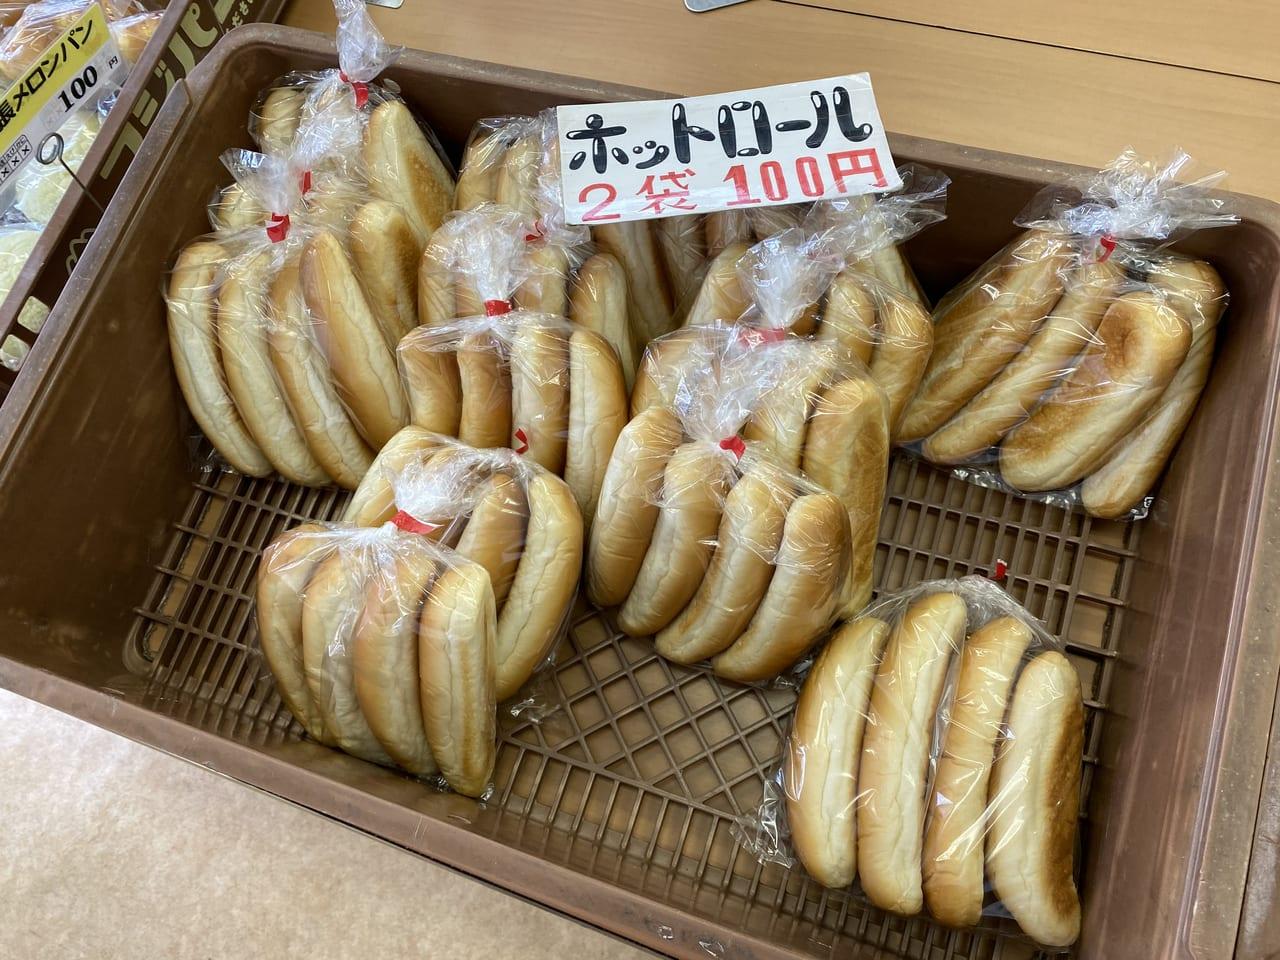 あけぼのパン